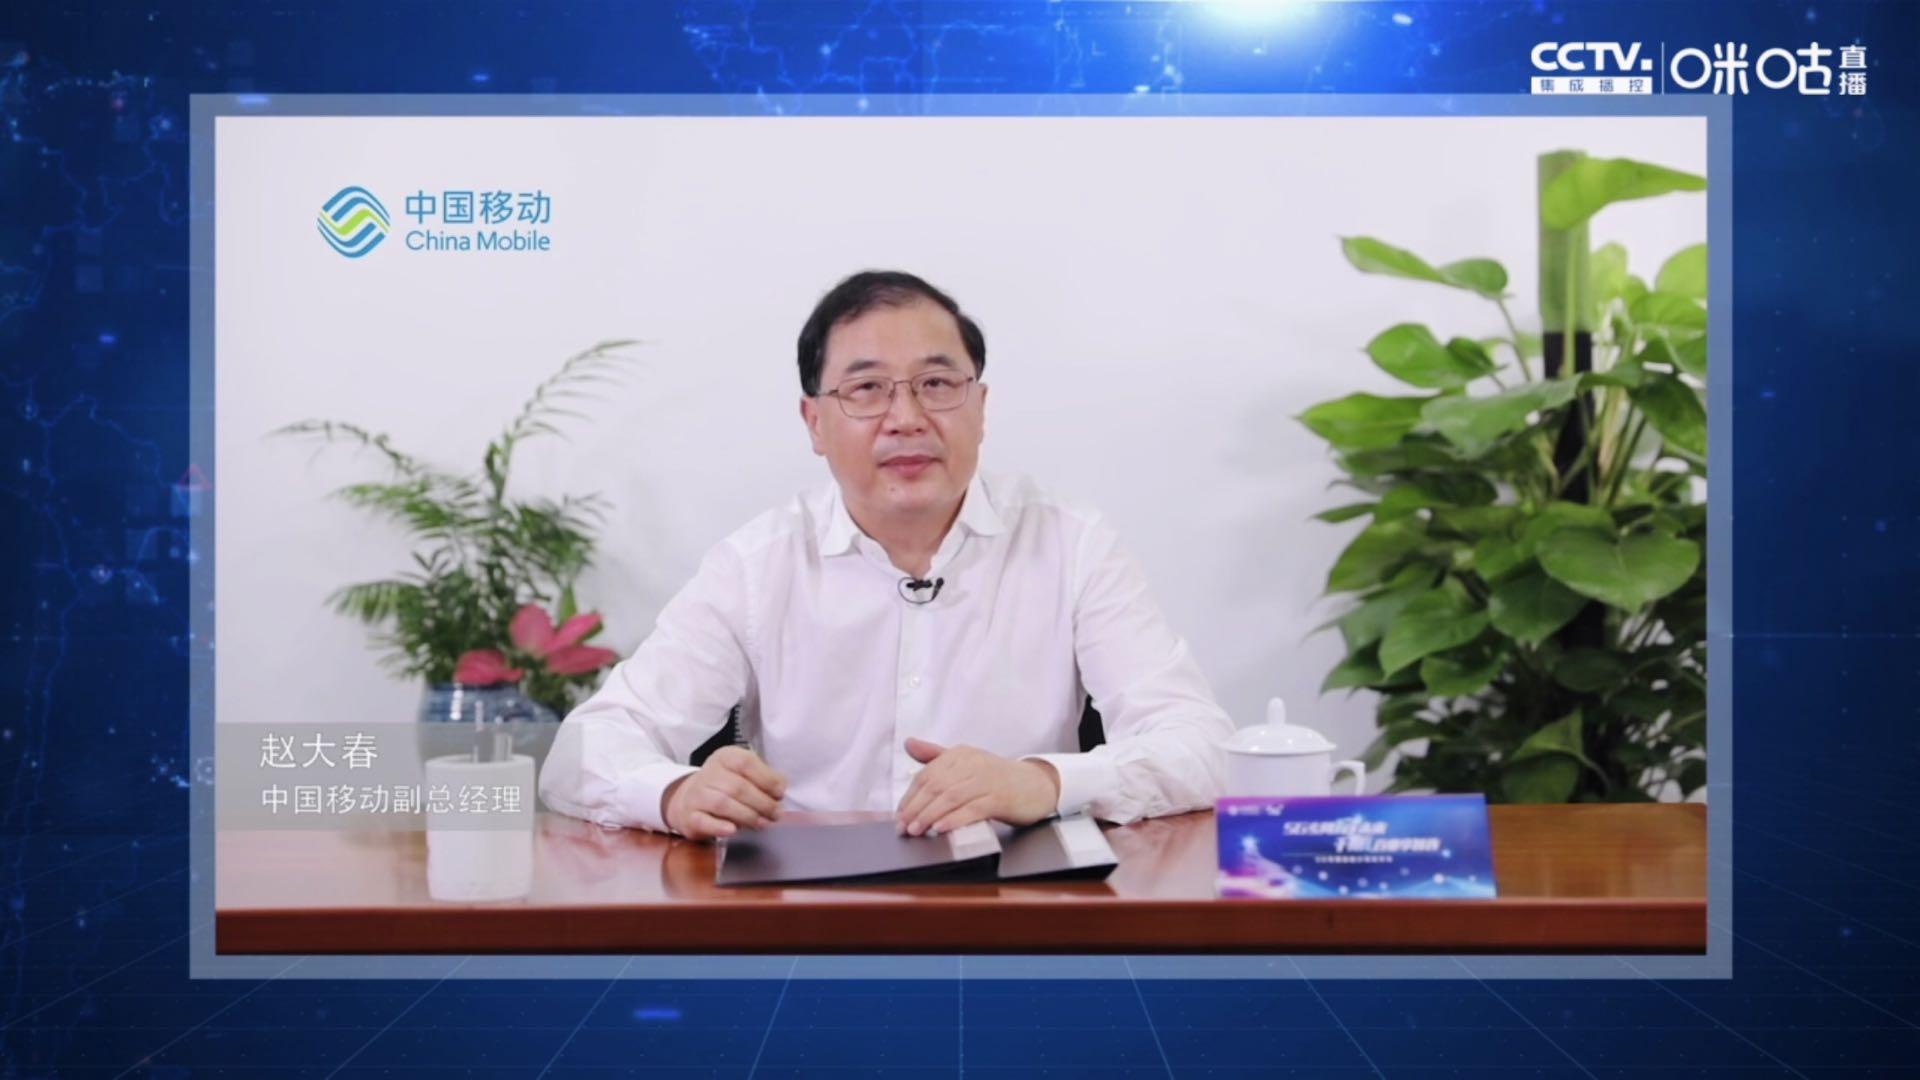 中国移动赵大春:5G专网承载创新应用,是产业转型升级的刚性需求